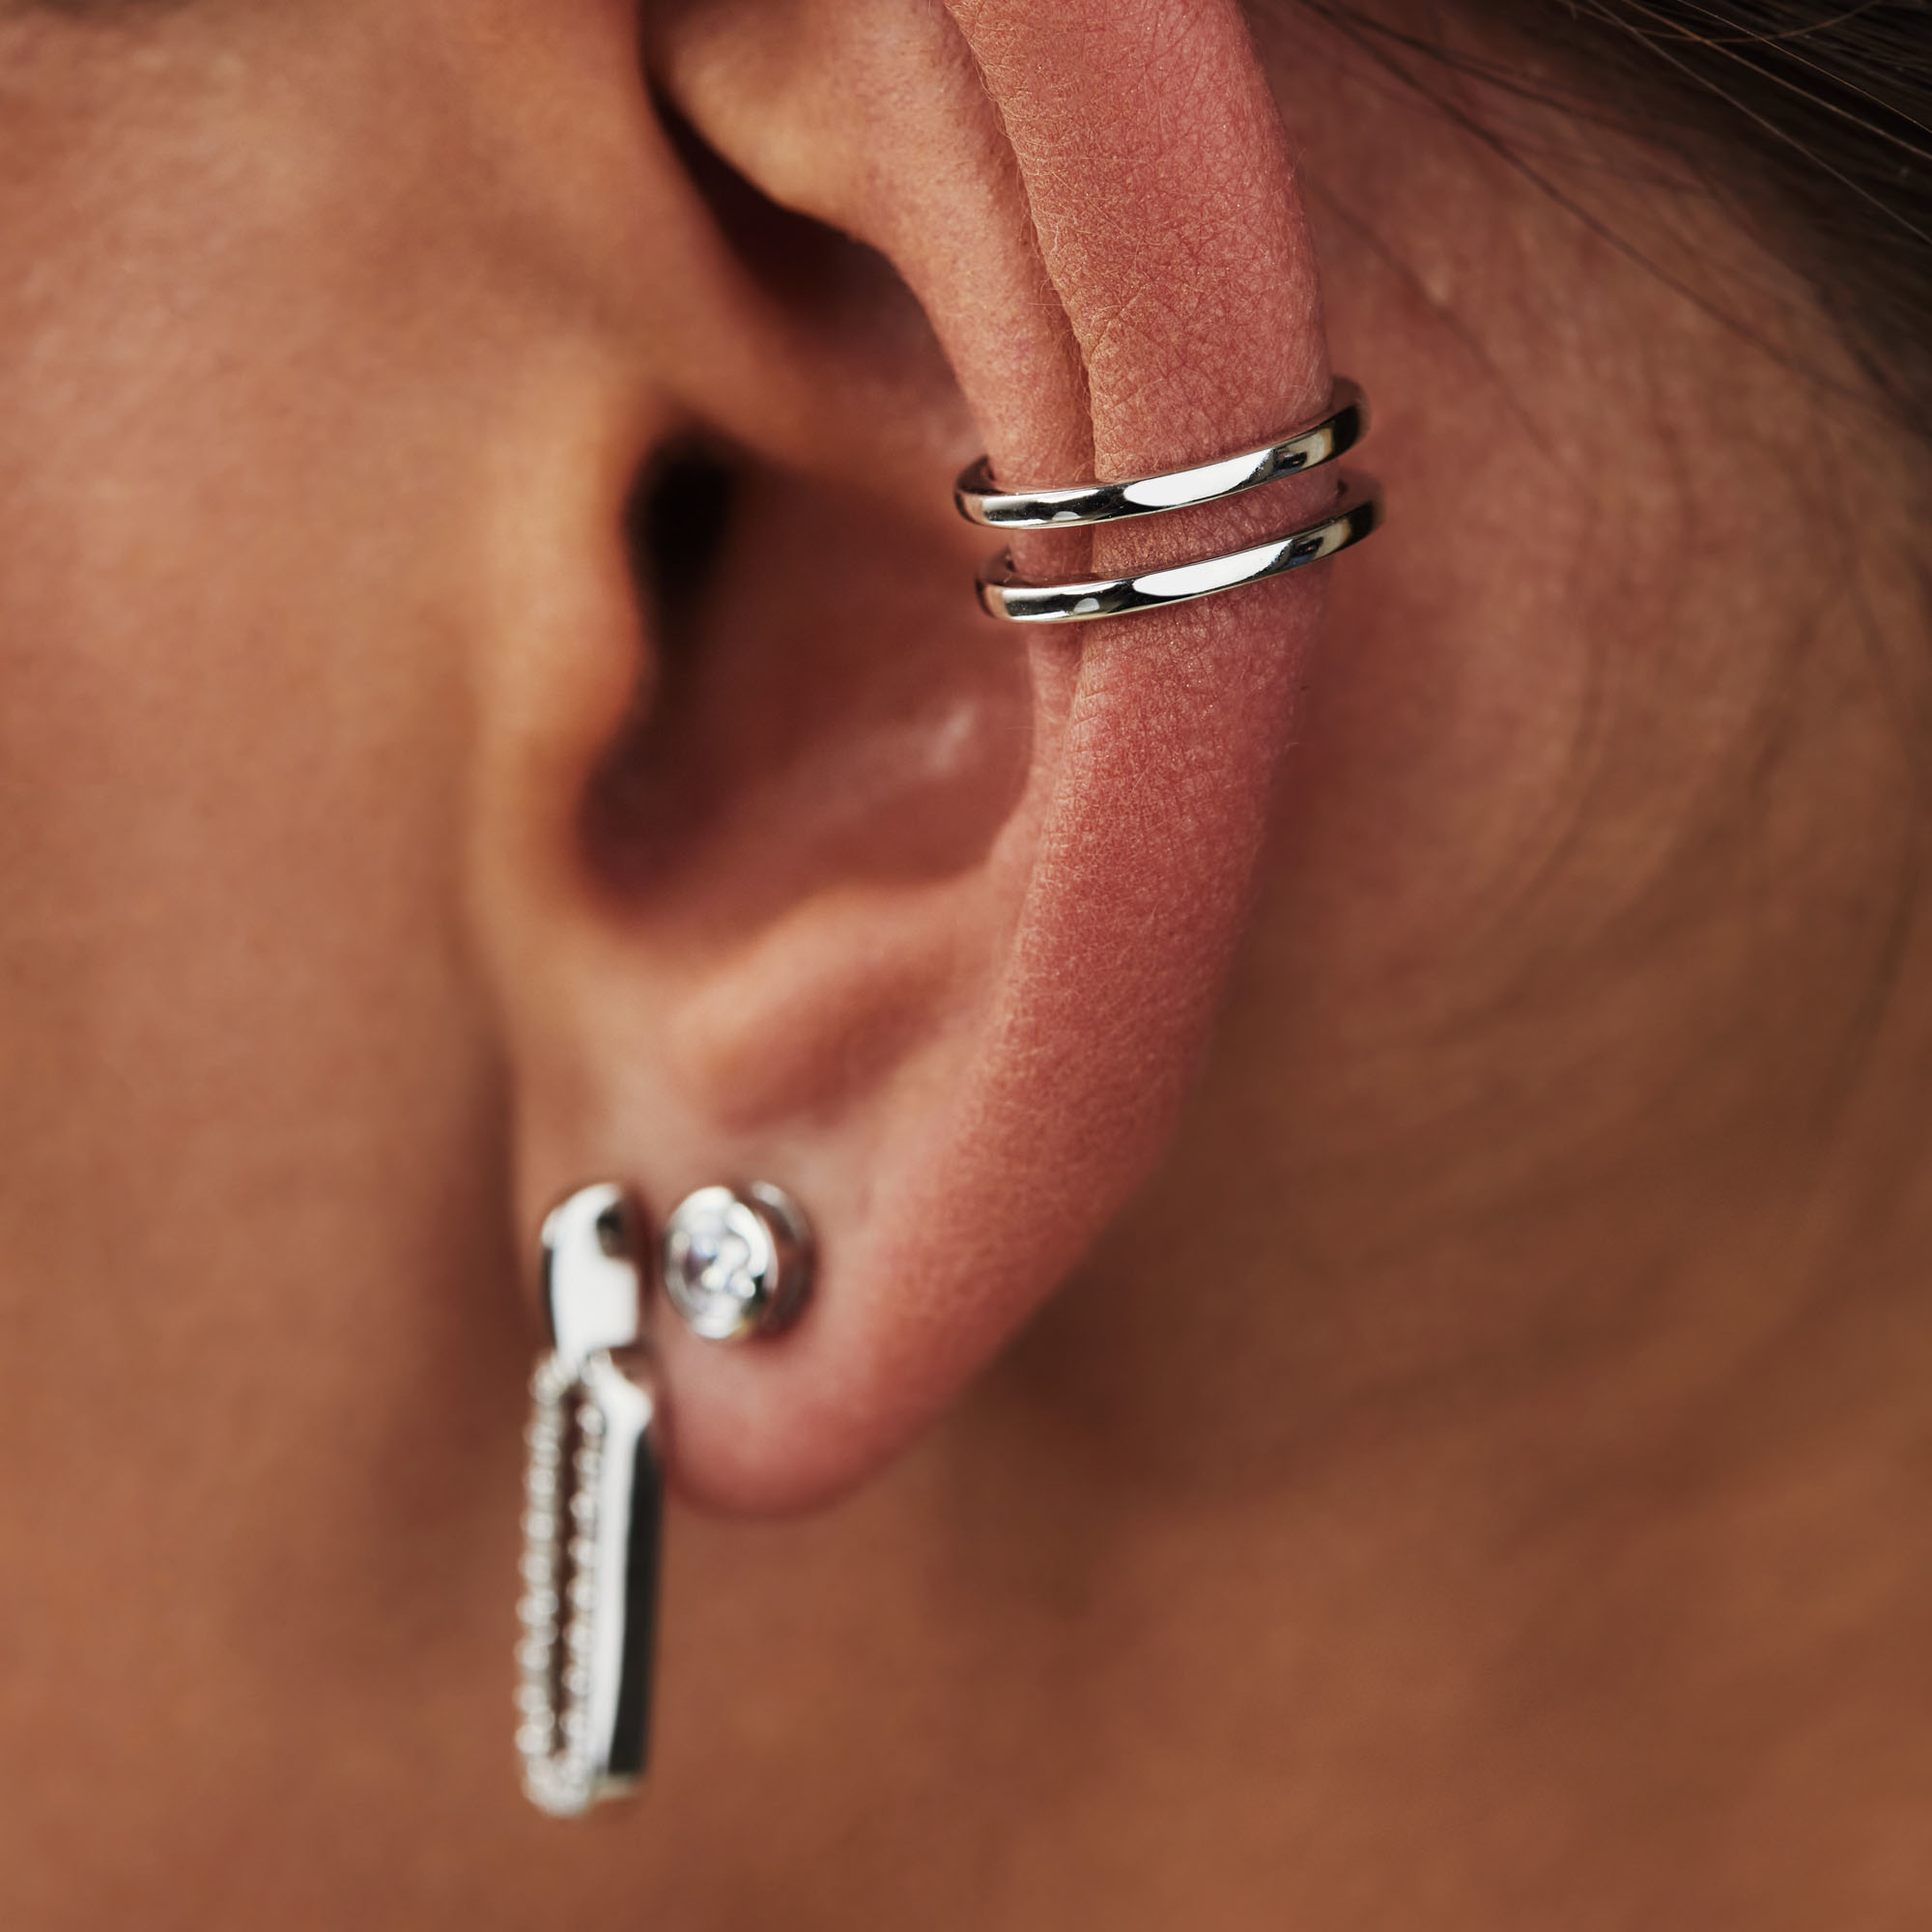 Selected Jewels Léna Joy 925 sterling silver single ear cuff